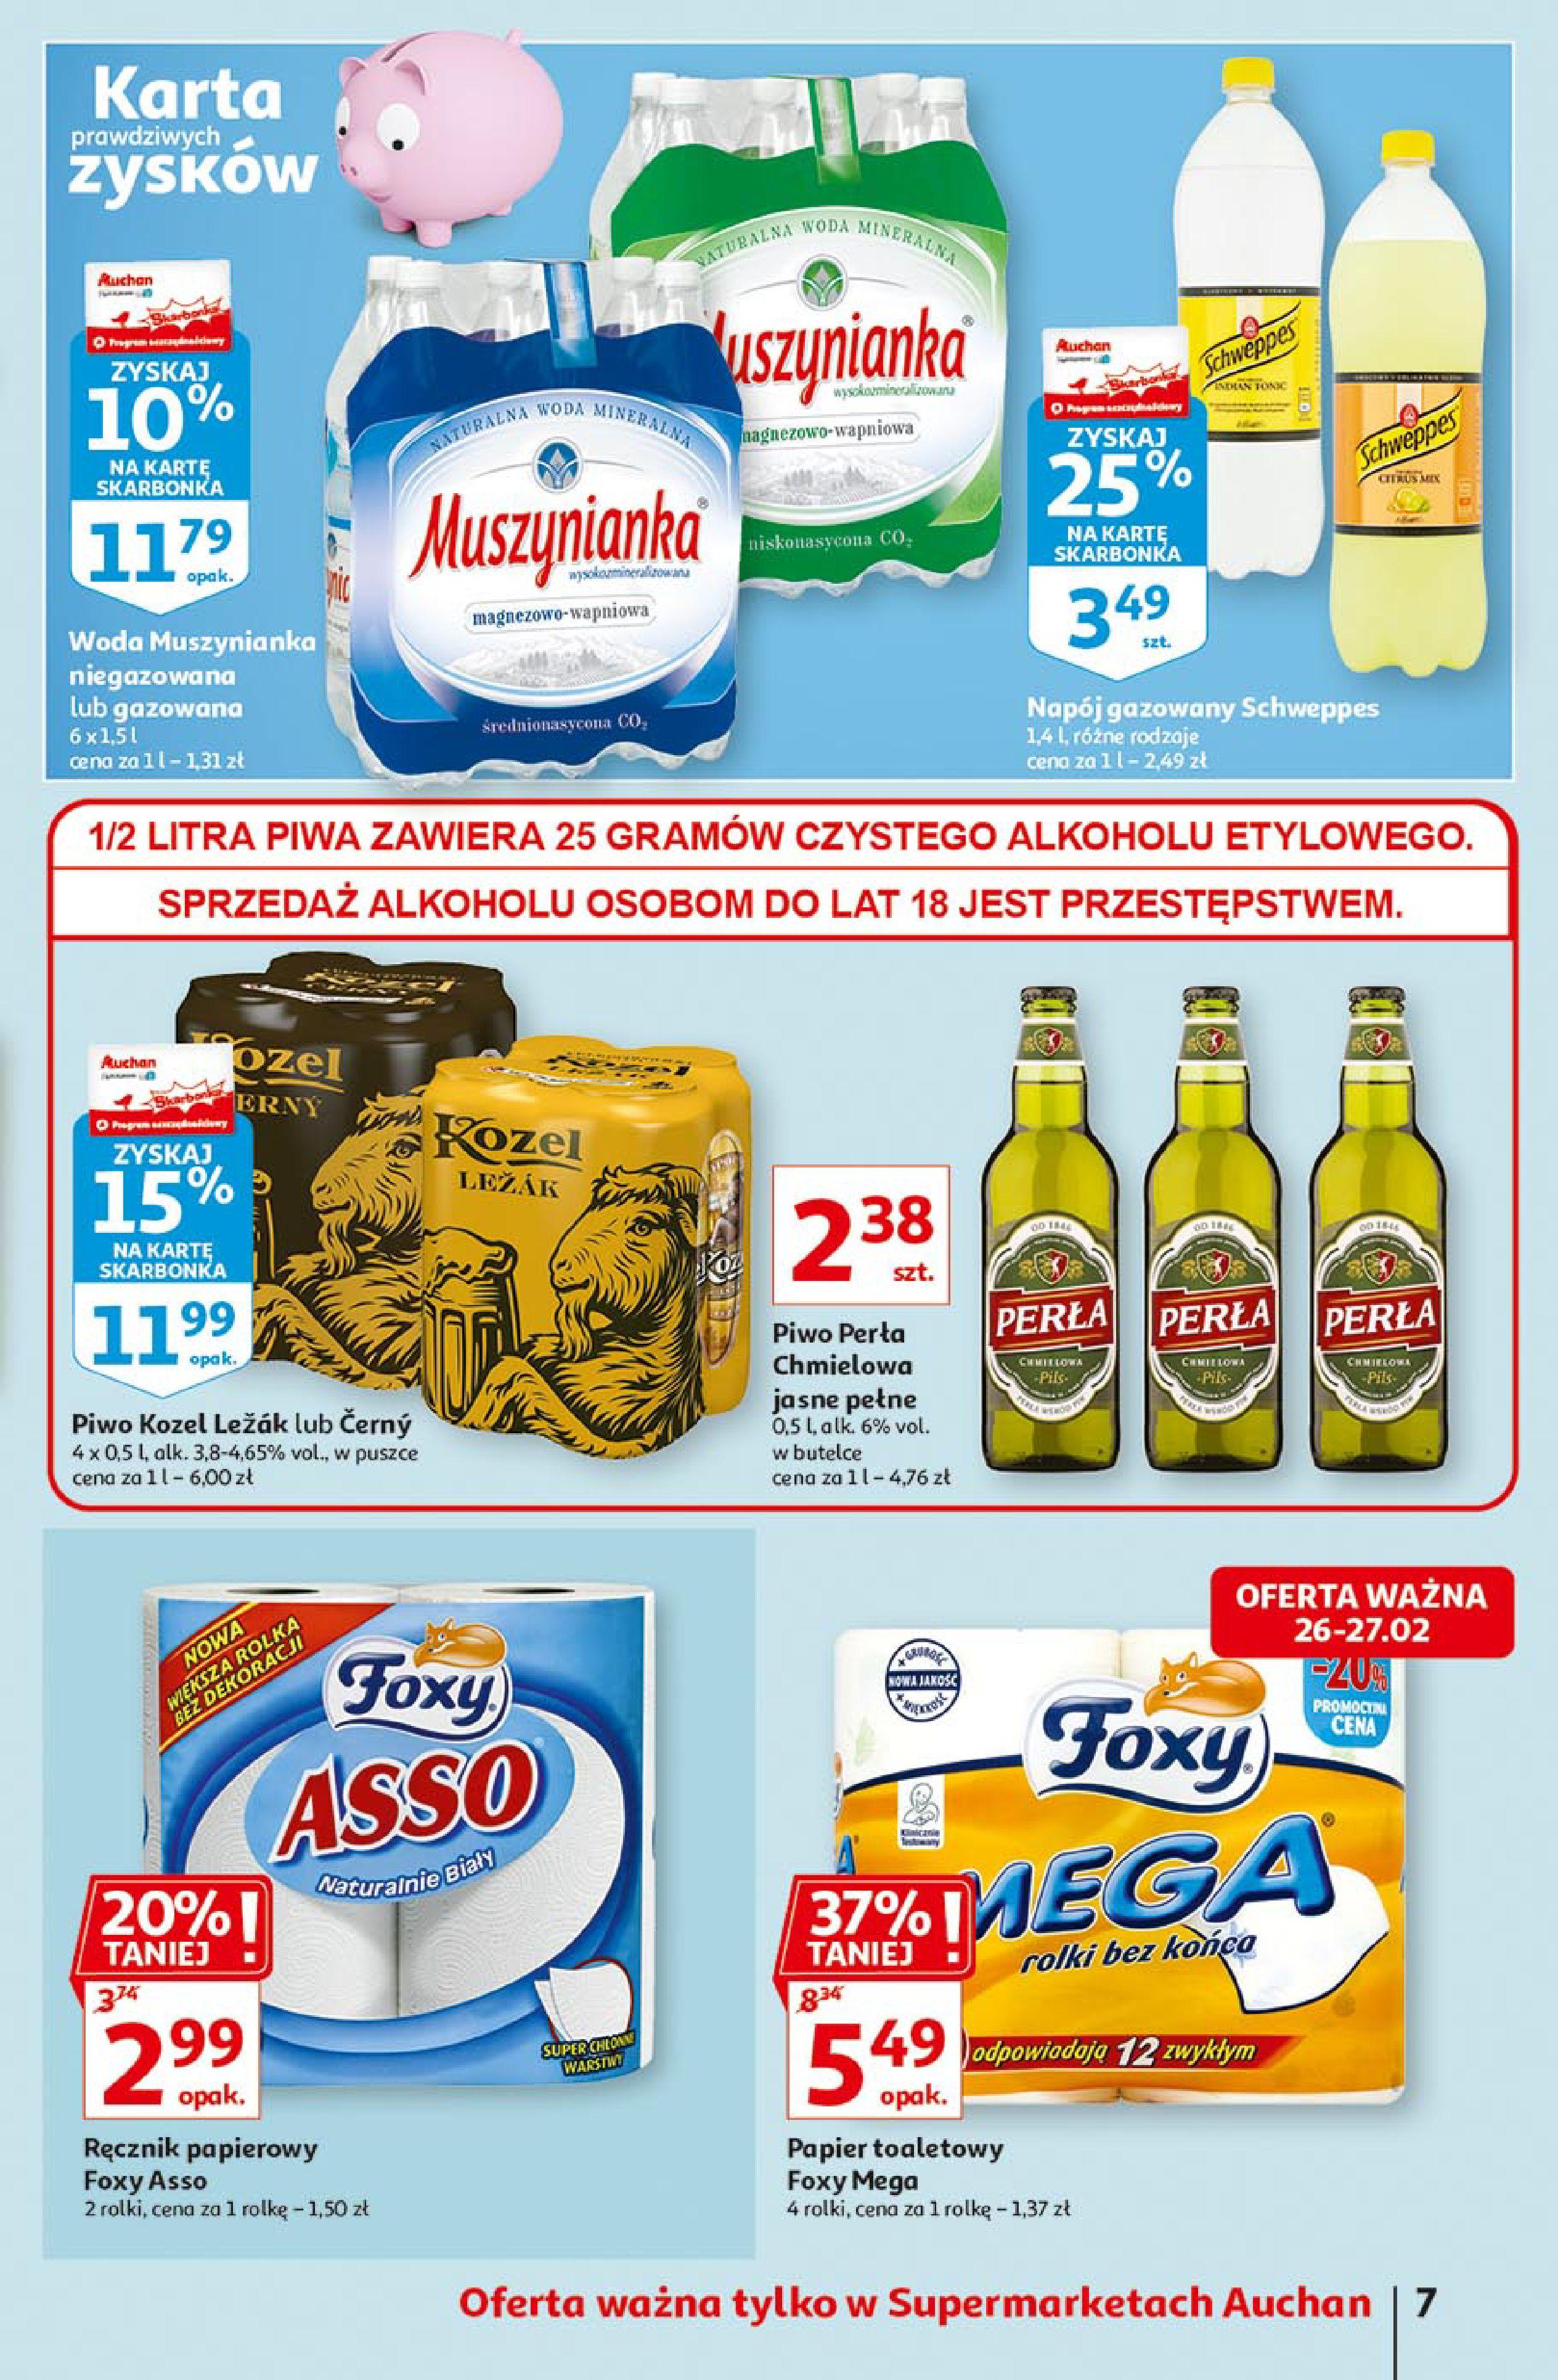 Gazetka Auchan: Uroda Supermarkety 2021-02-26 page-7